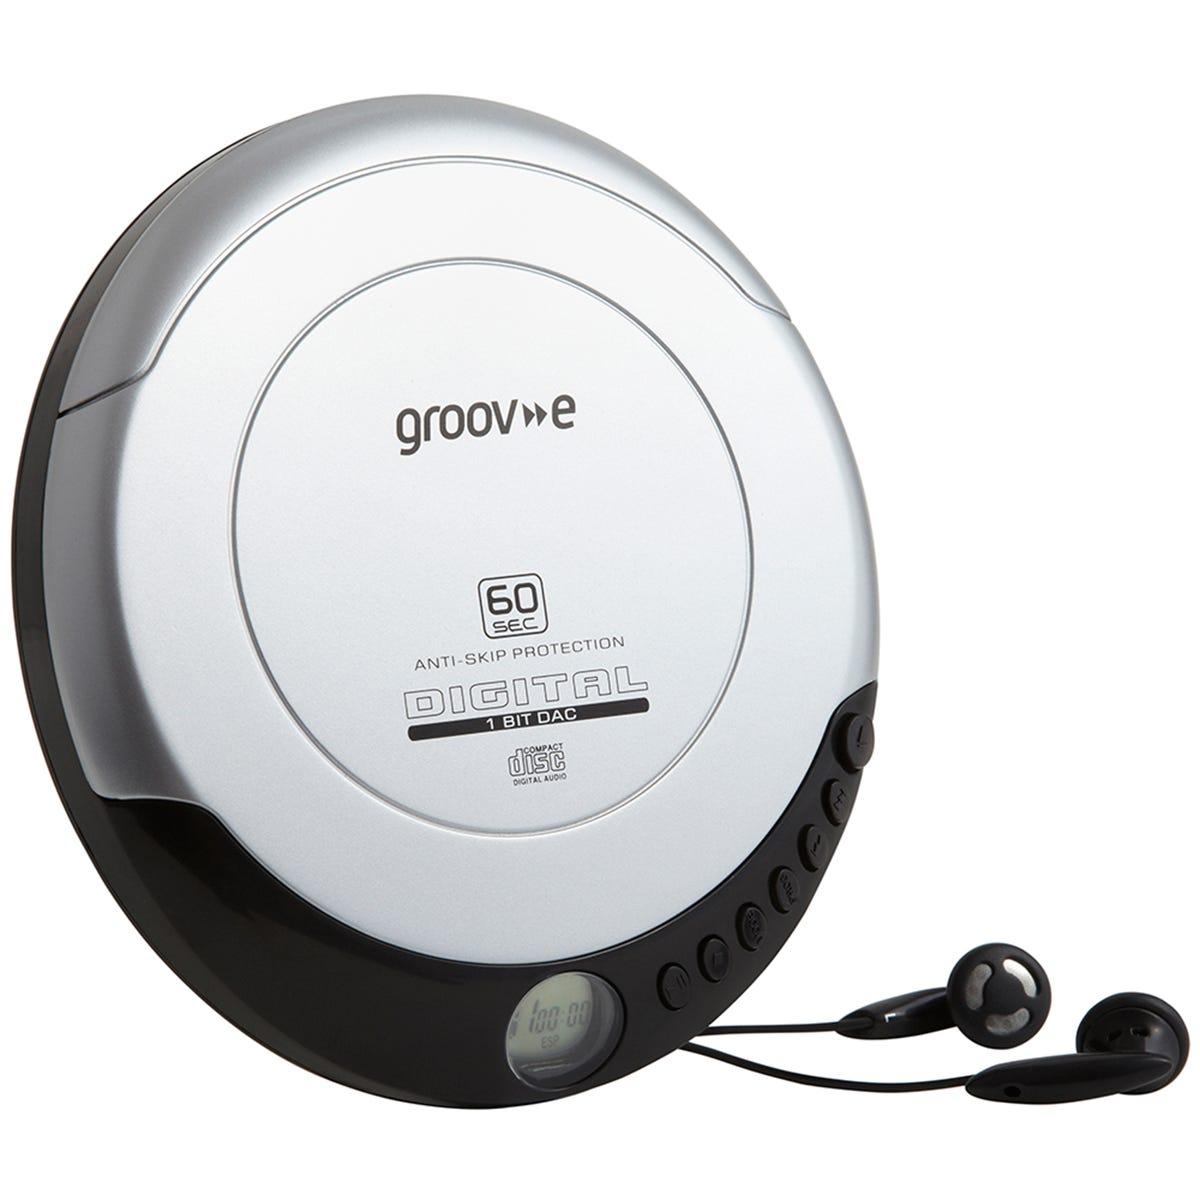 GROOV-E Retro GV-PS110-SR Personal CD Player - Silver, Silver